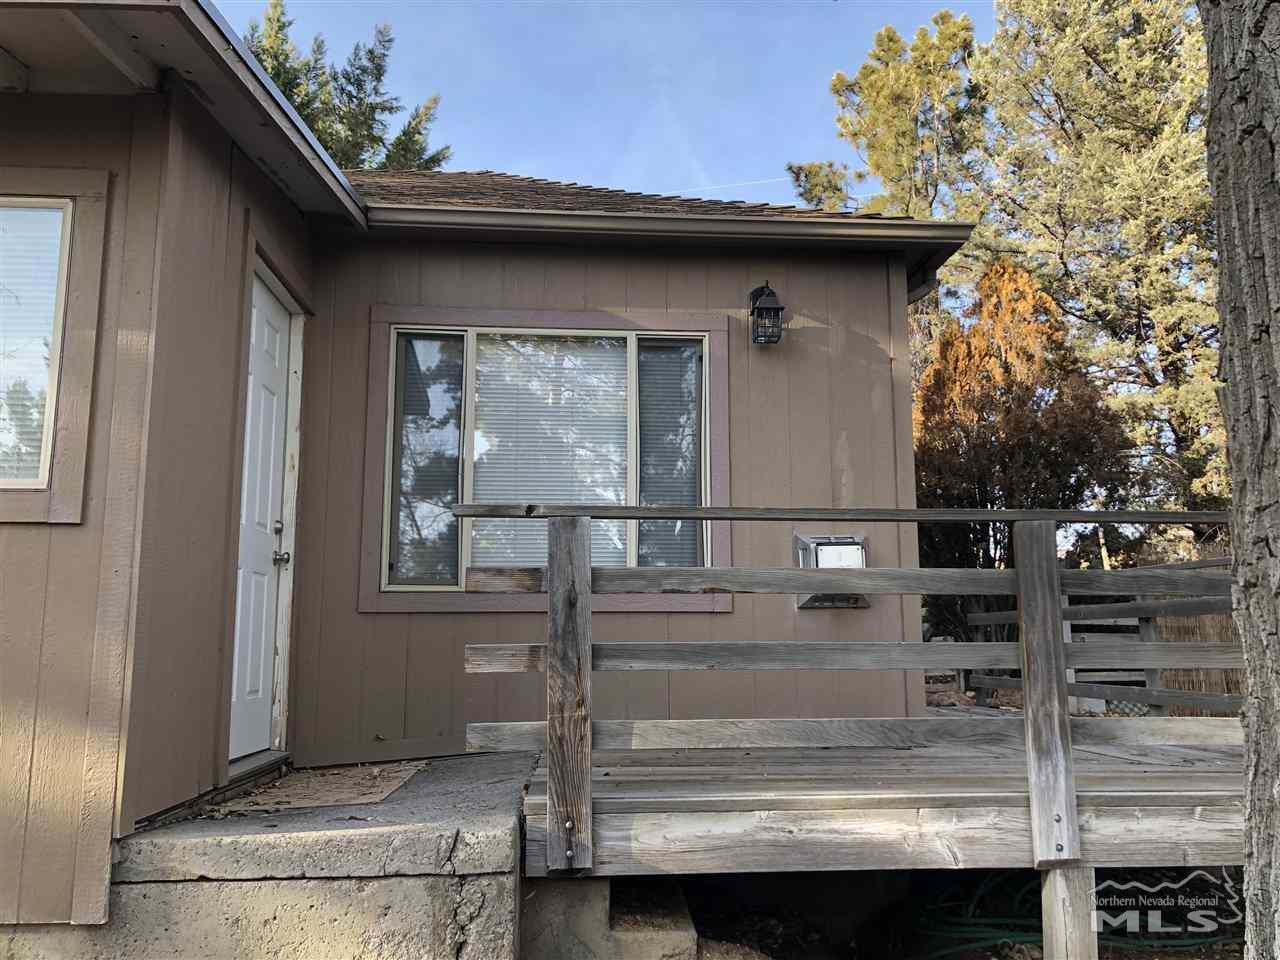 Image for 610 Hoge, Reno, NV 89506-7863